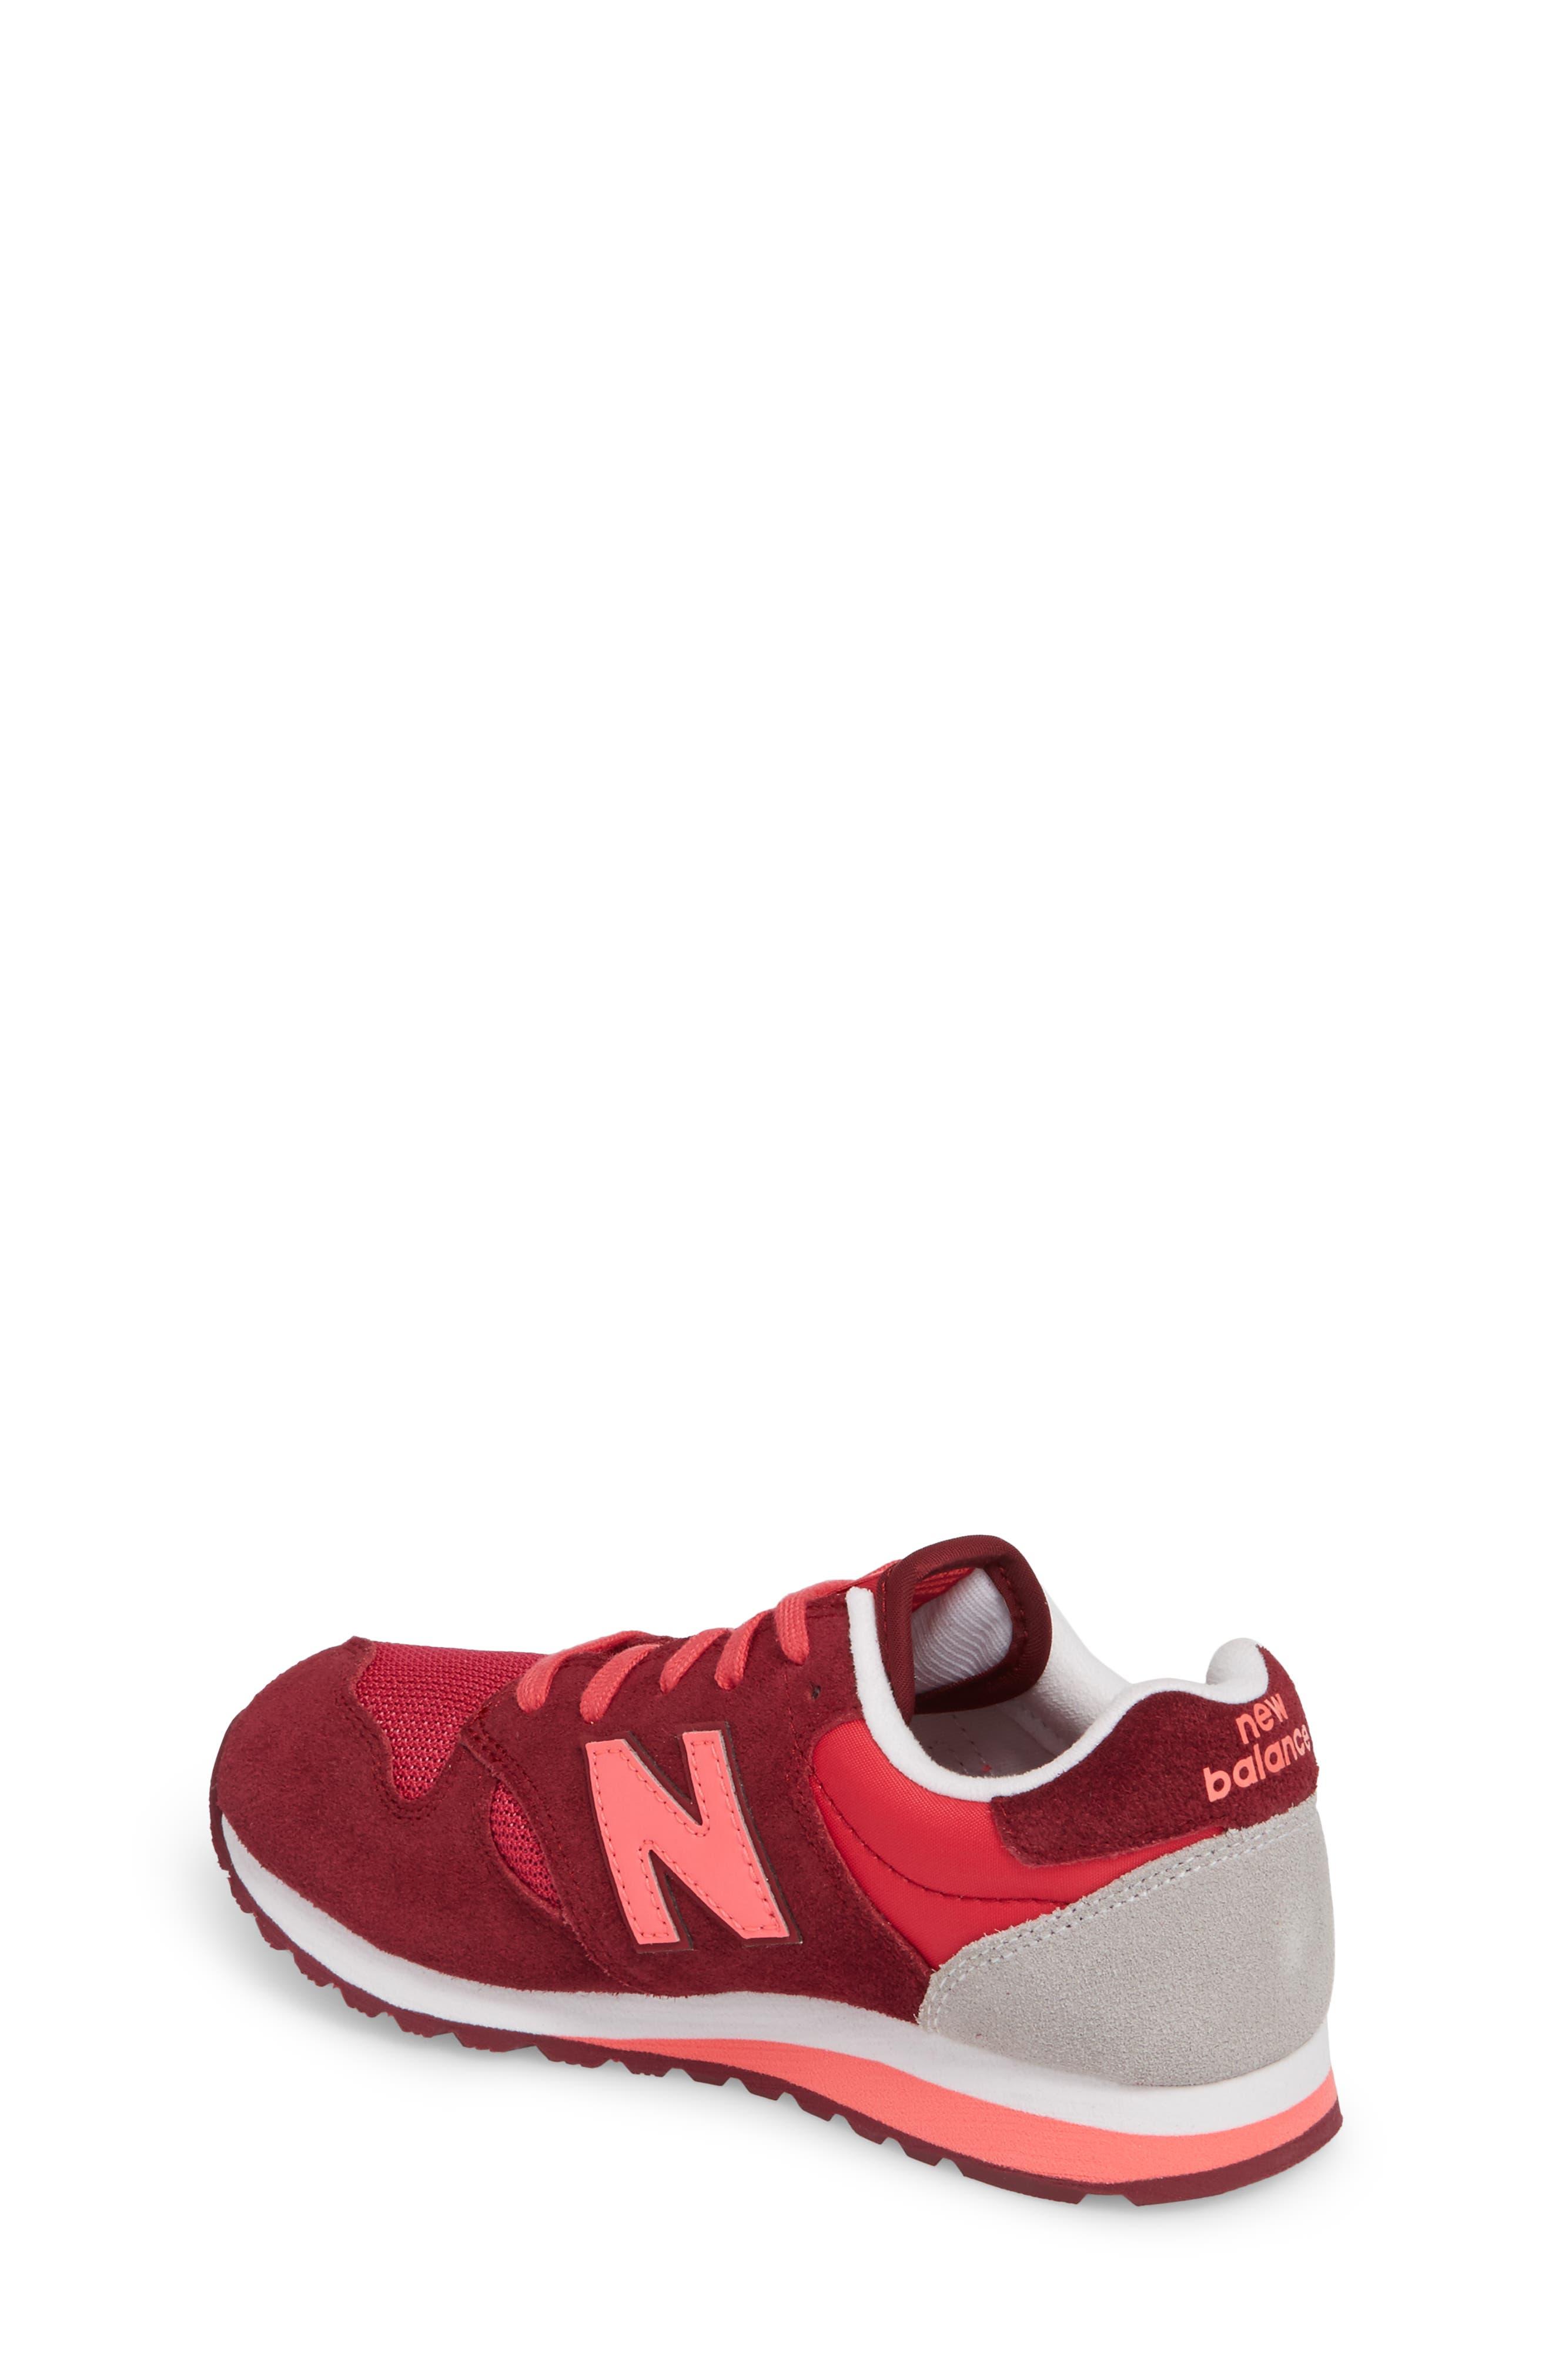 520 Sneaker,                             Alternate thumbnail 2, color,                             655